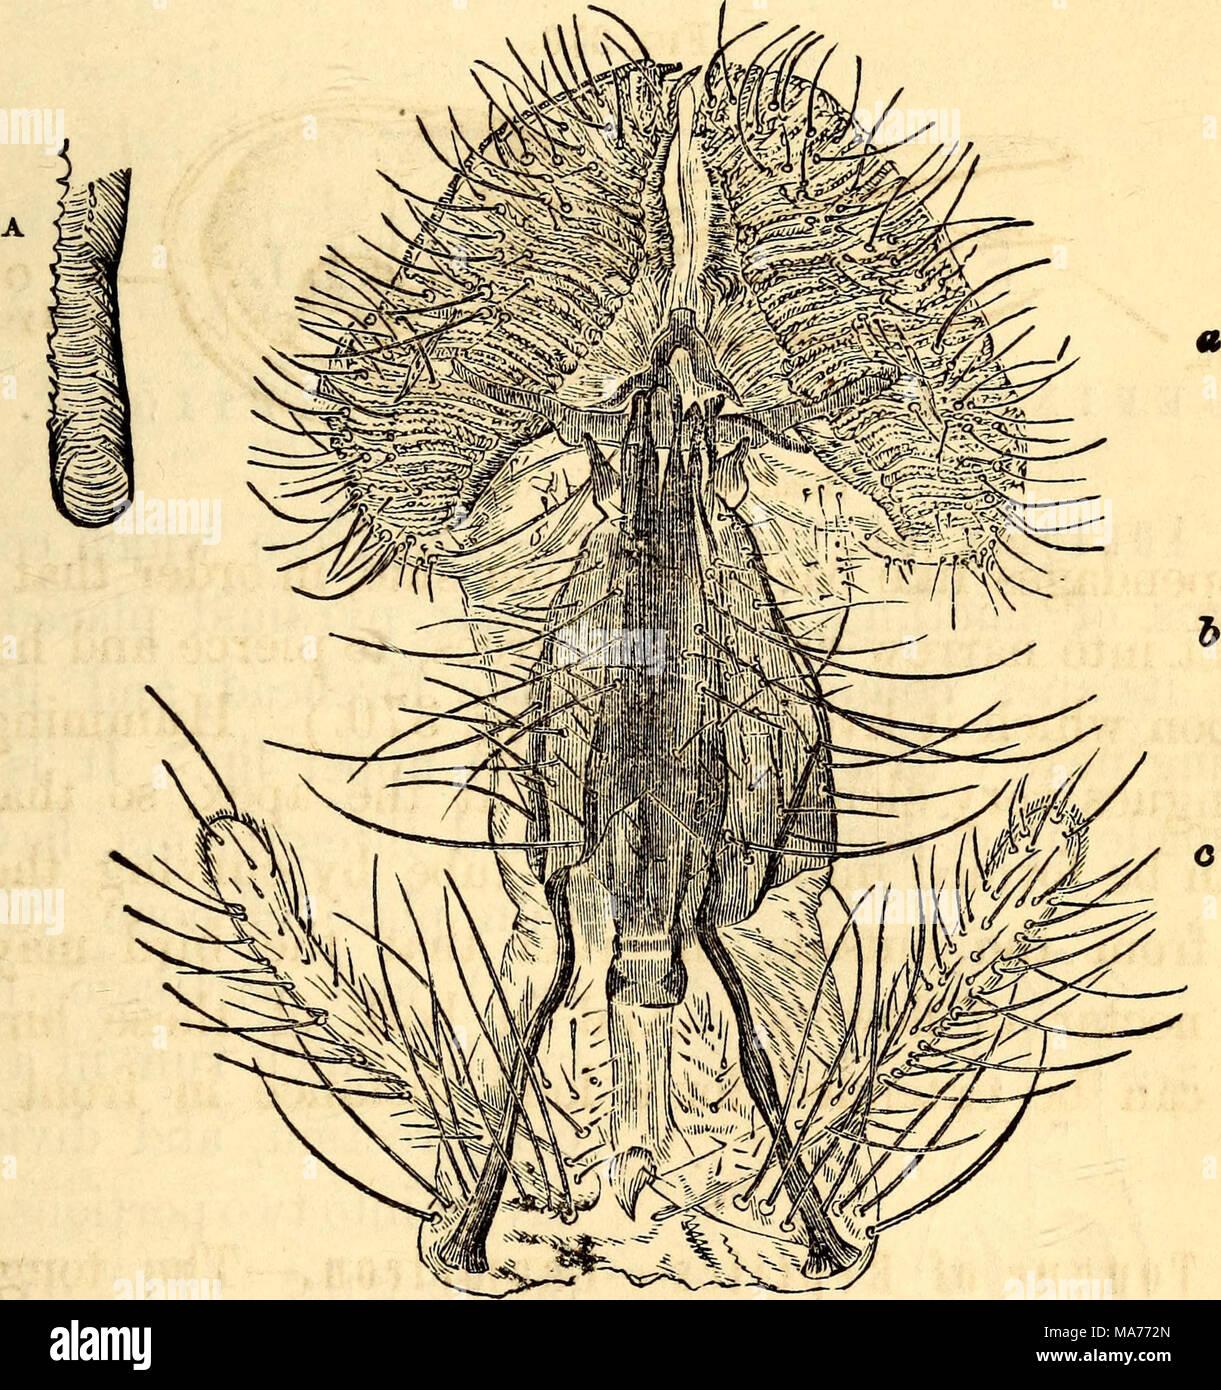 Fantastisch Haupt In Anatomie Und Physiologie Fotos - Menschliche ...